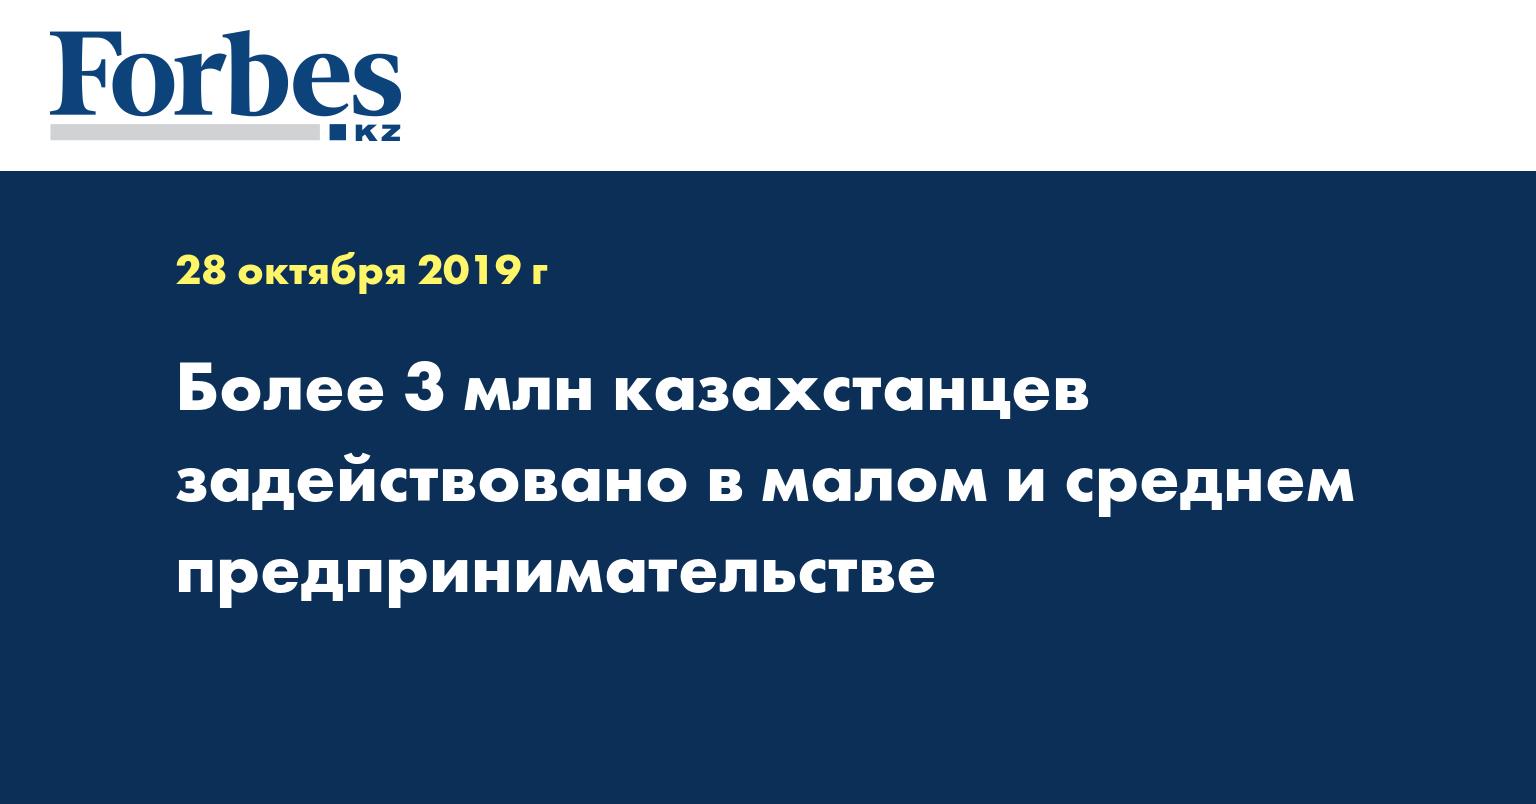 Более 3 млн казахстанцев задействовано в малом и среднем предпринимательстве